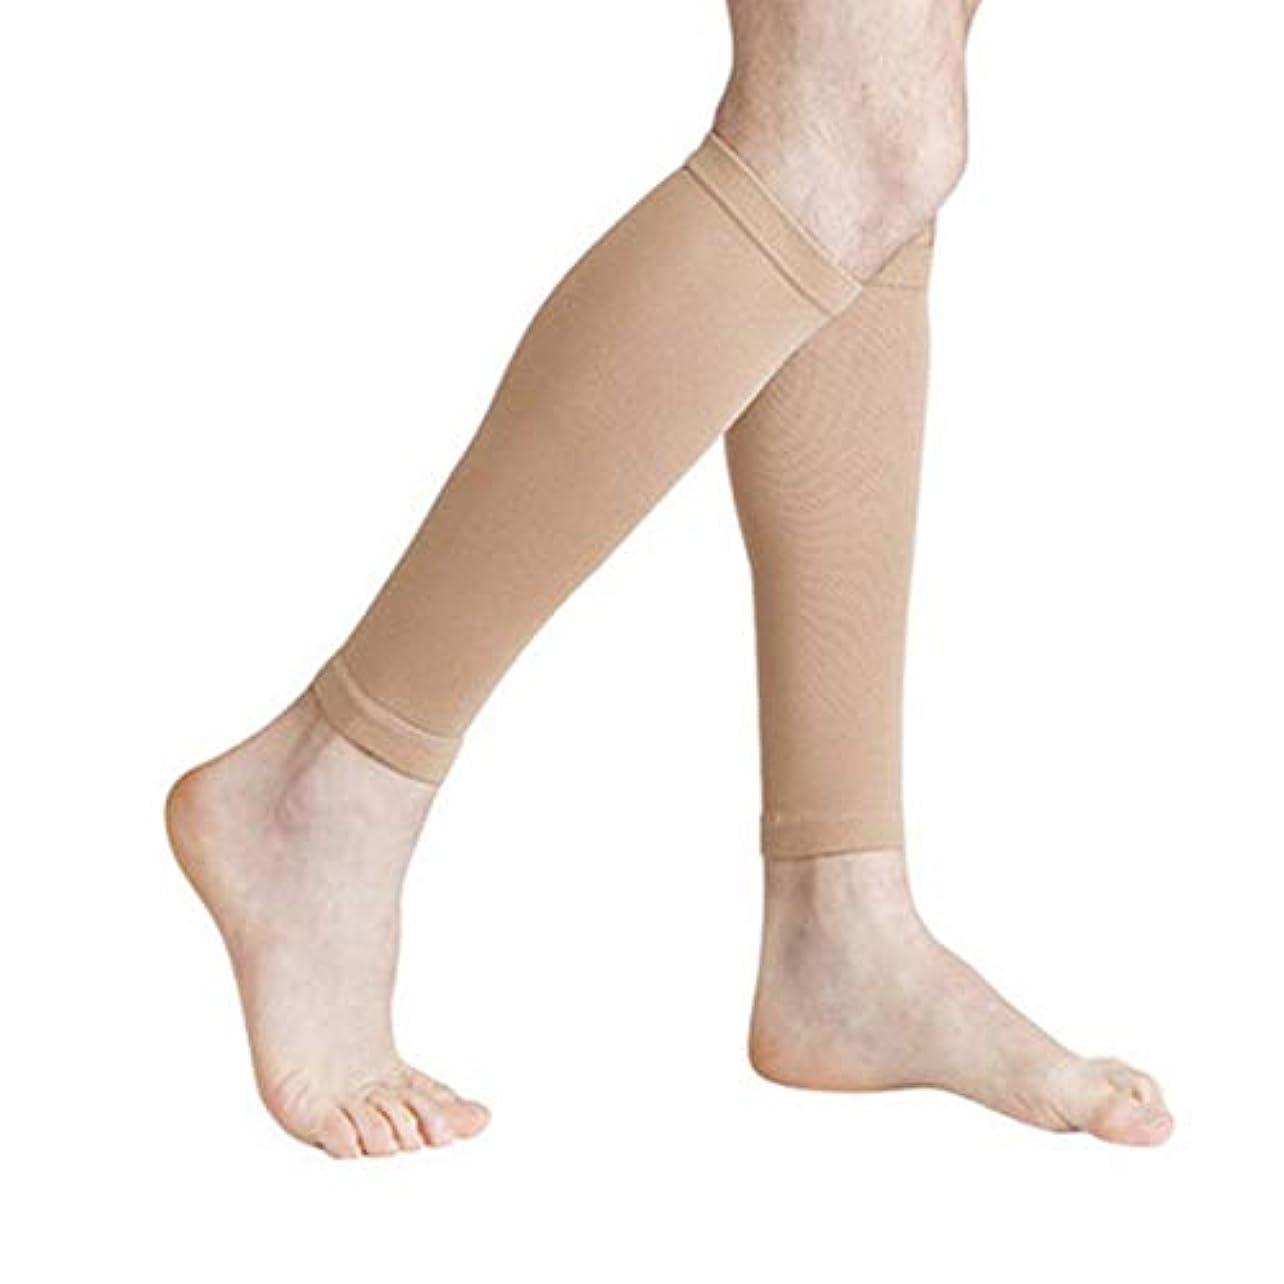 お願いしますポルノ断線丈夫な男性女性プロの圧縮靴下通気性のある旅行活動看護師用シントスプリントフライトトラベル - 肌色